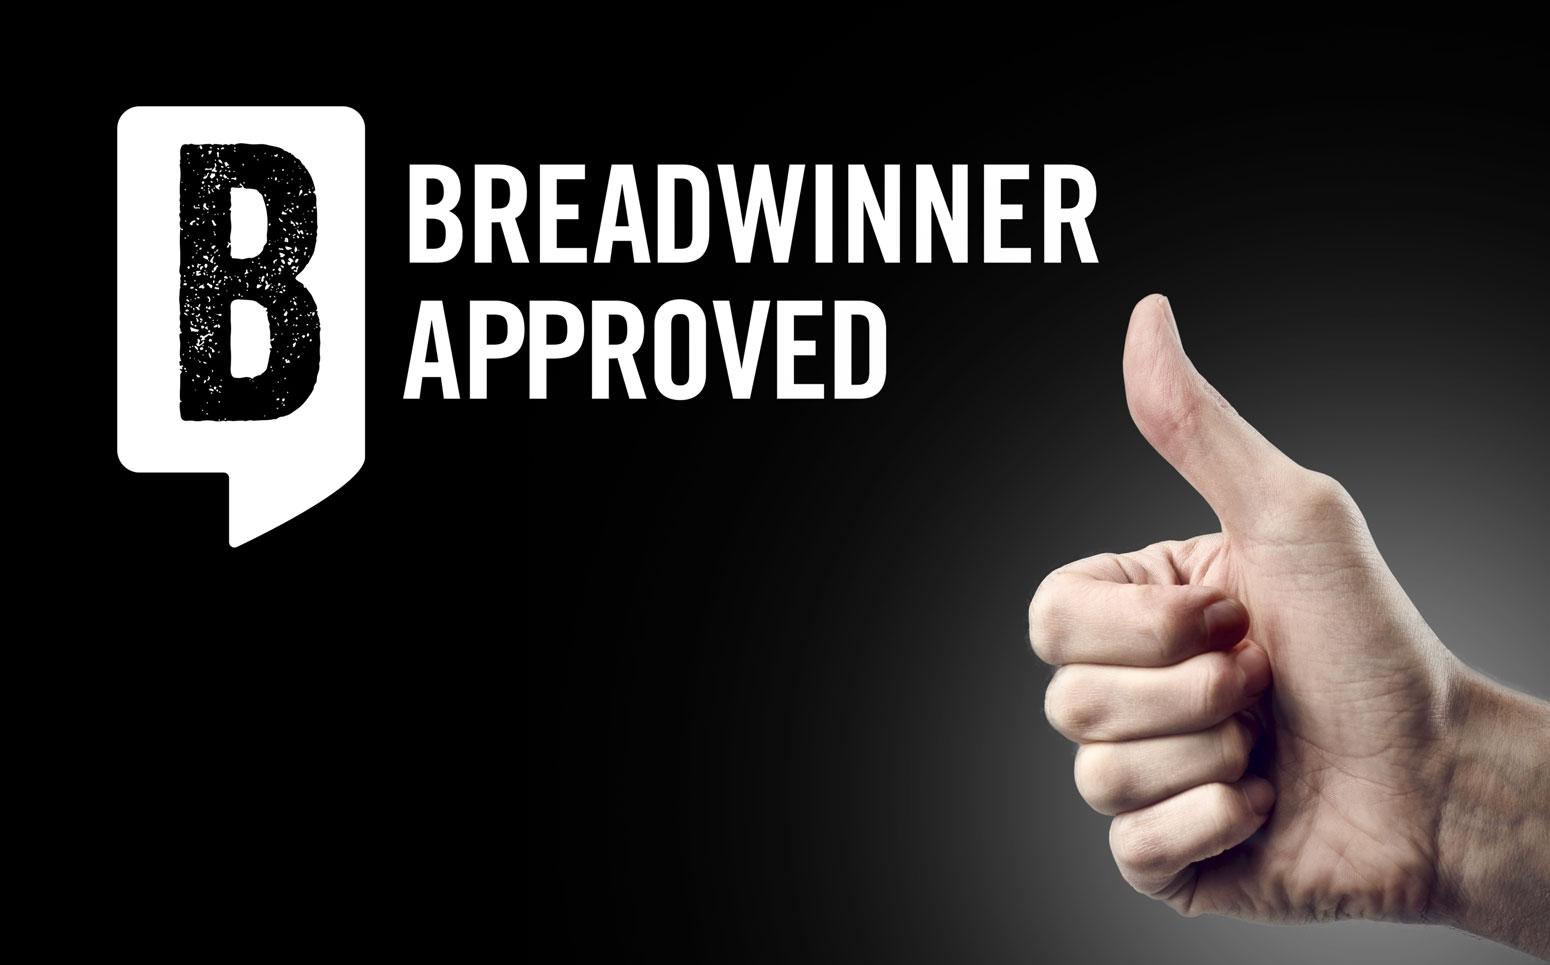 Breadwinner Approved Agency